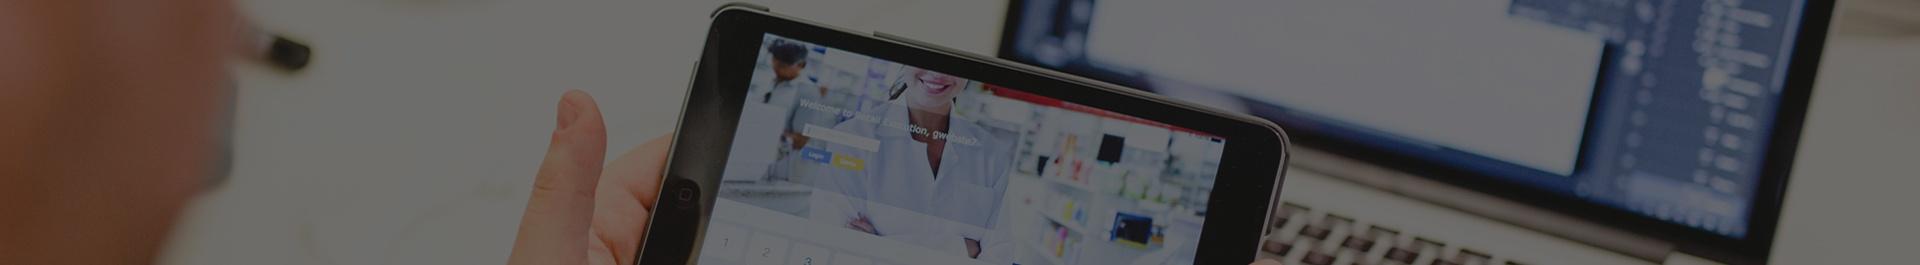 AgilityWorks_Connected_Cloud_Enterprise_Banner_V5.jpg